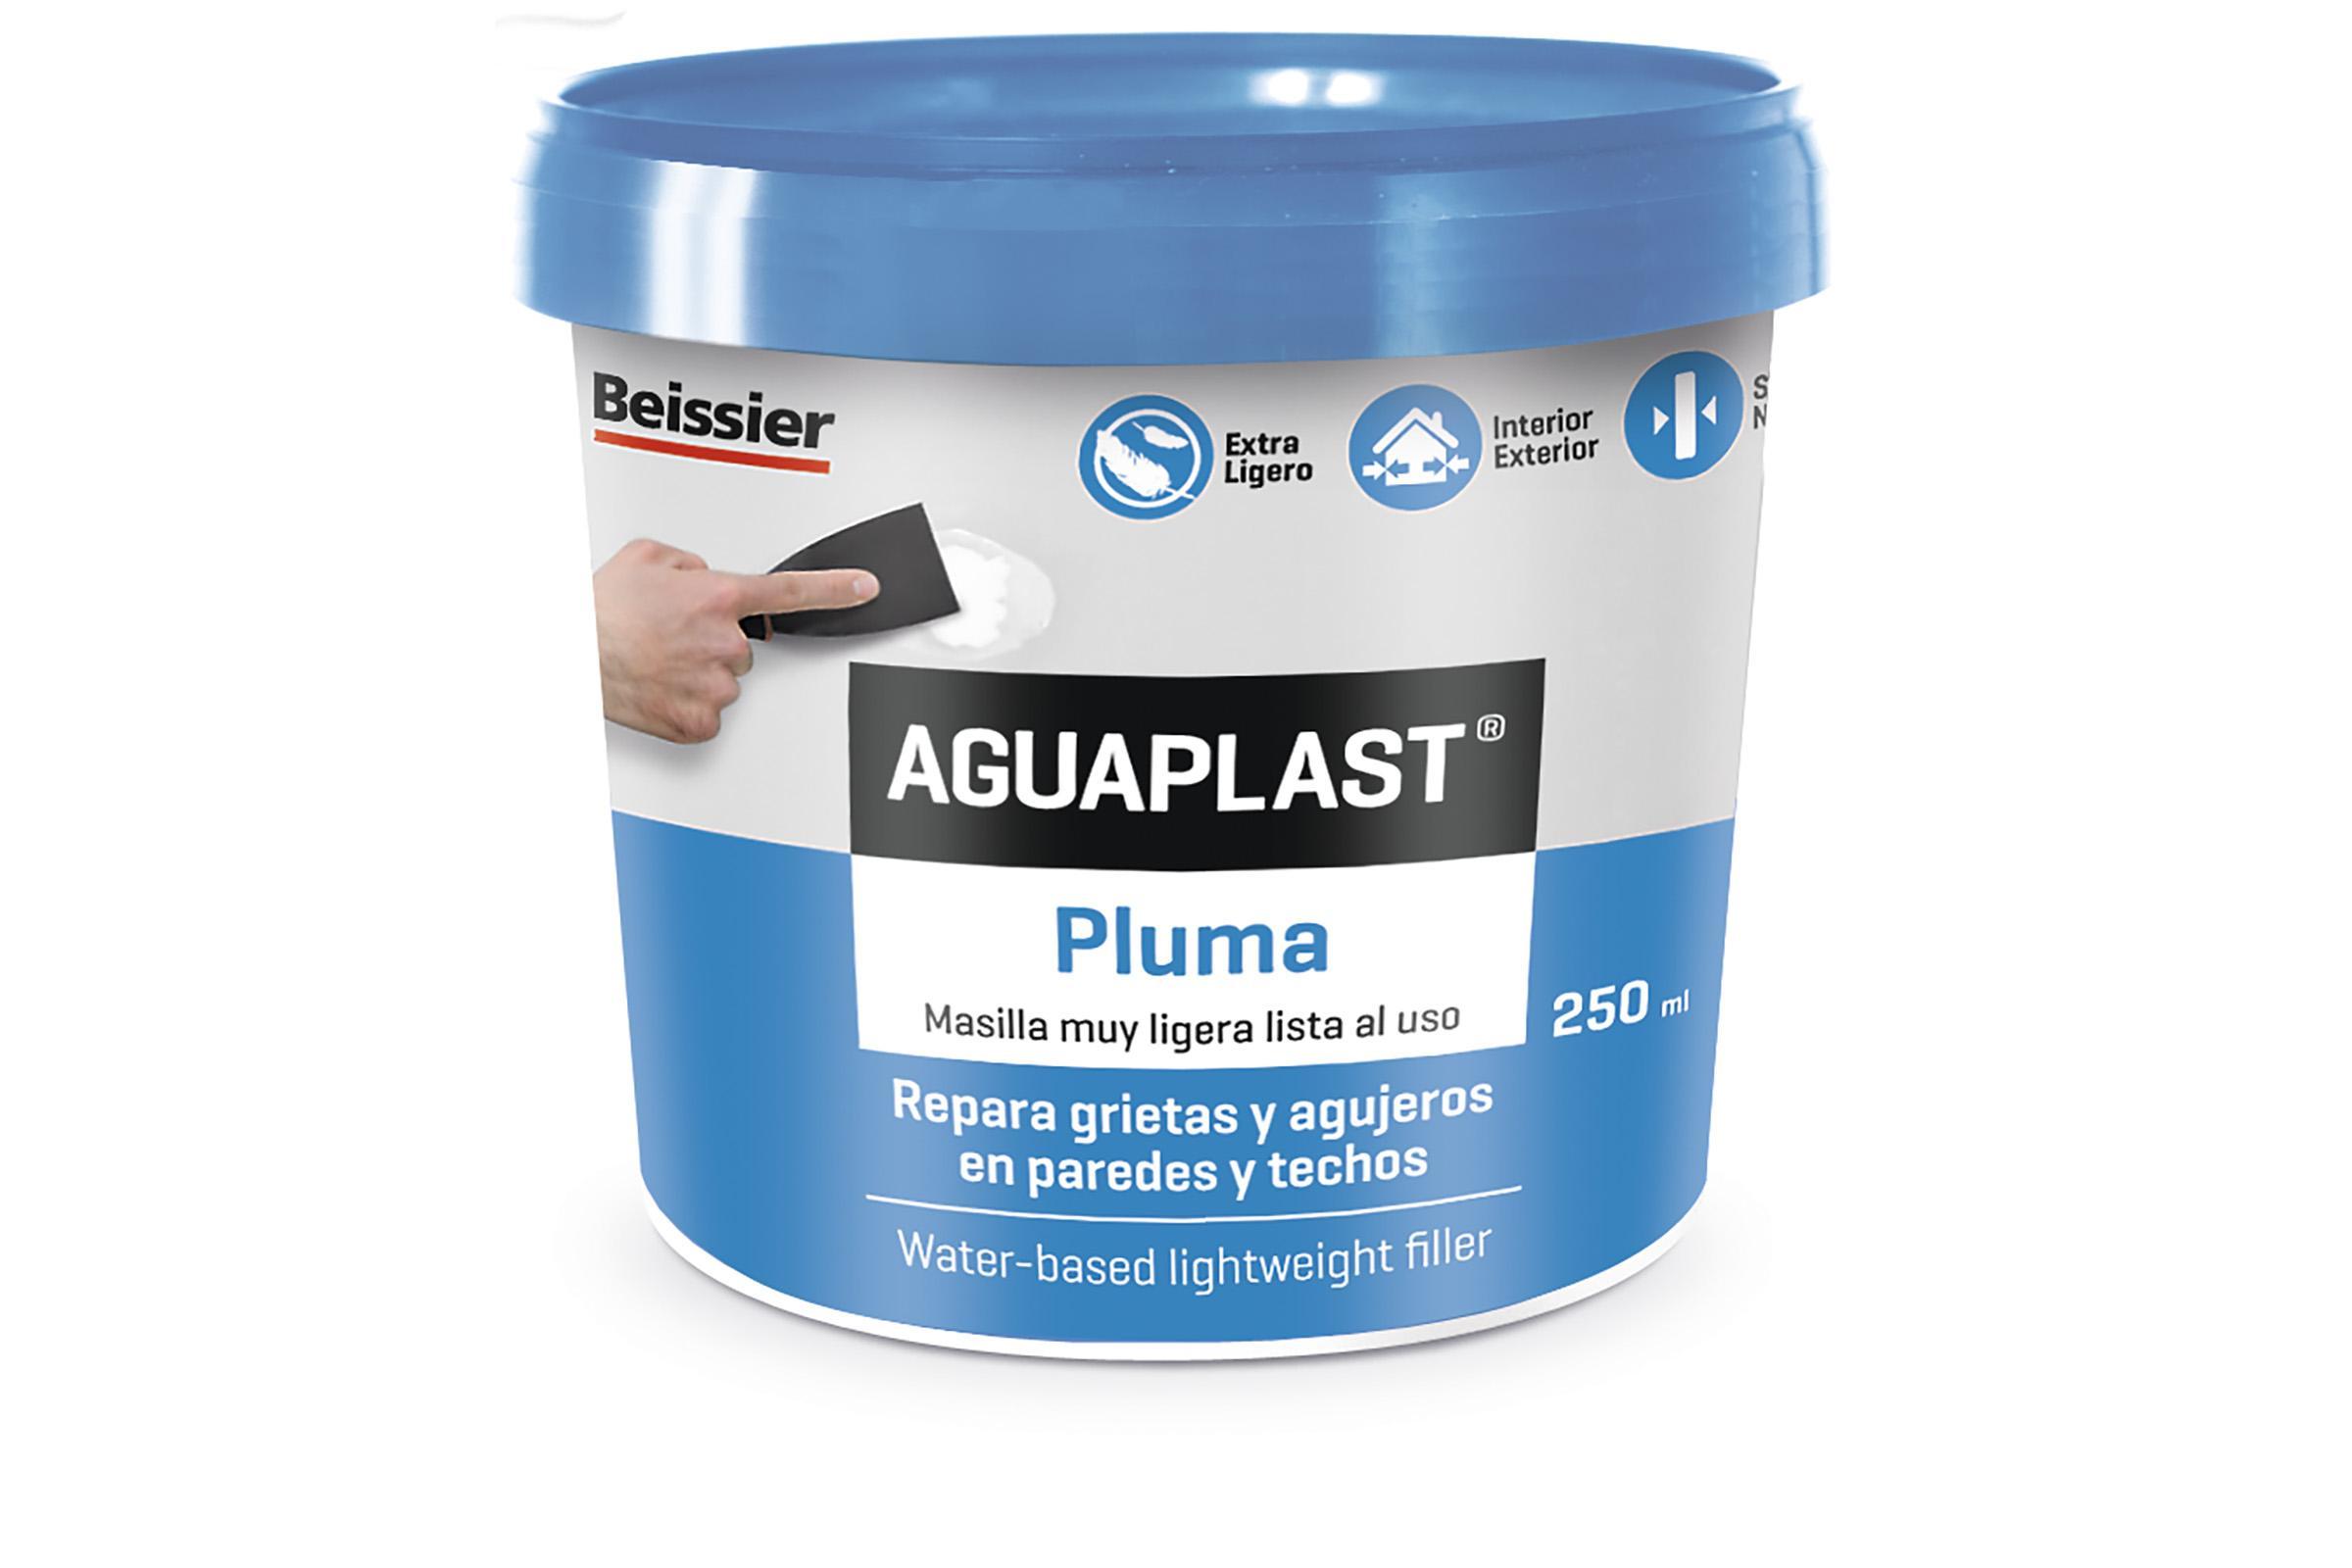 aguaplast-pluma-250ml